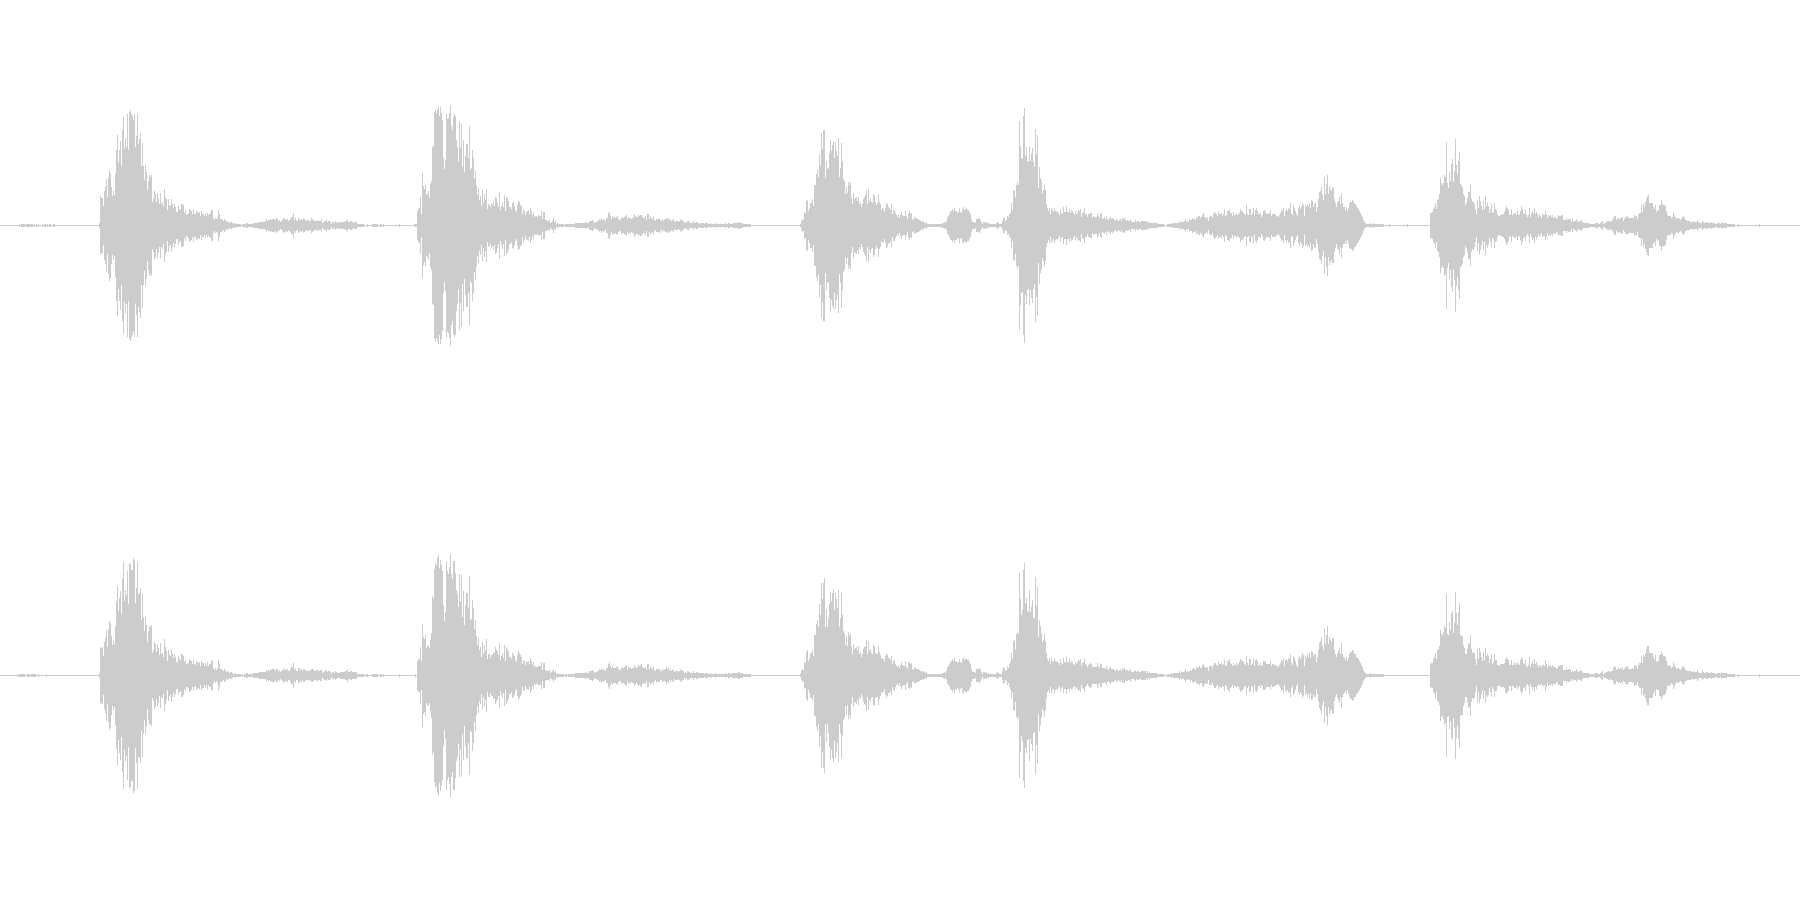 (咳の音)の未再生の波形